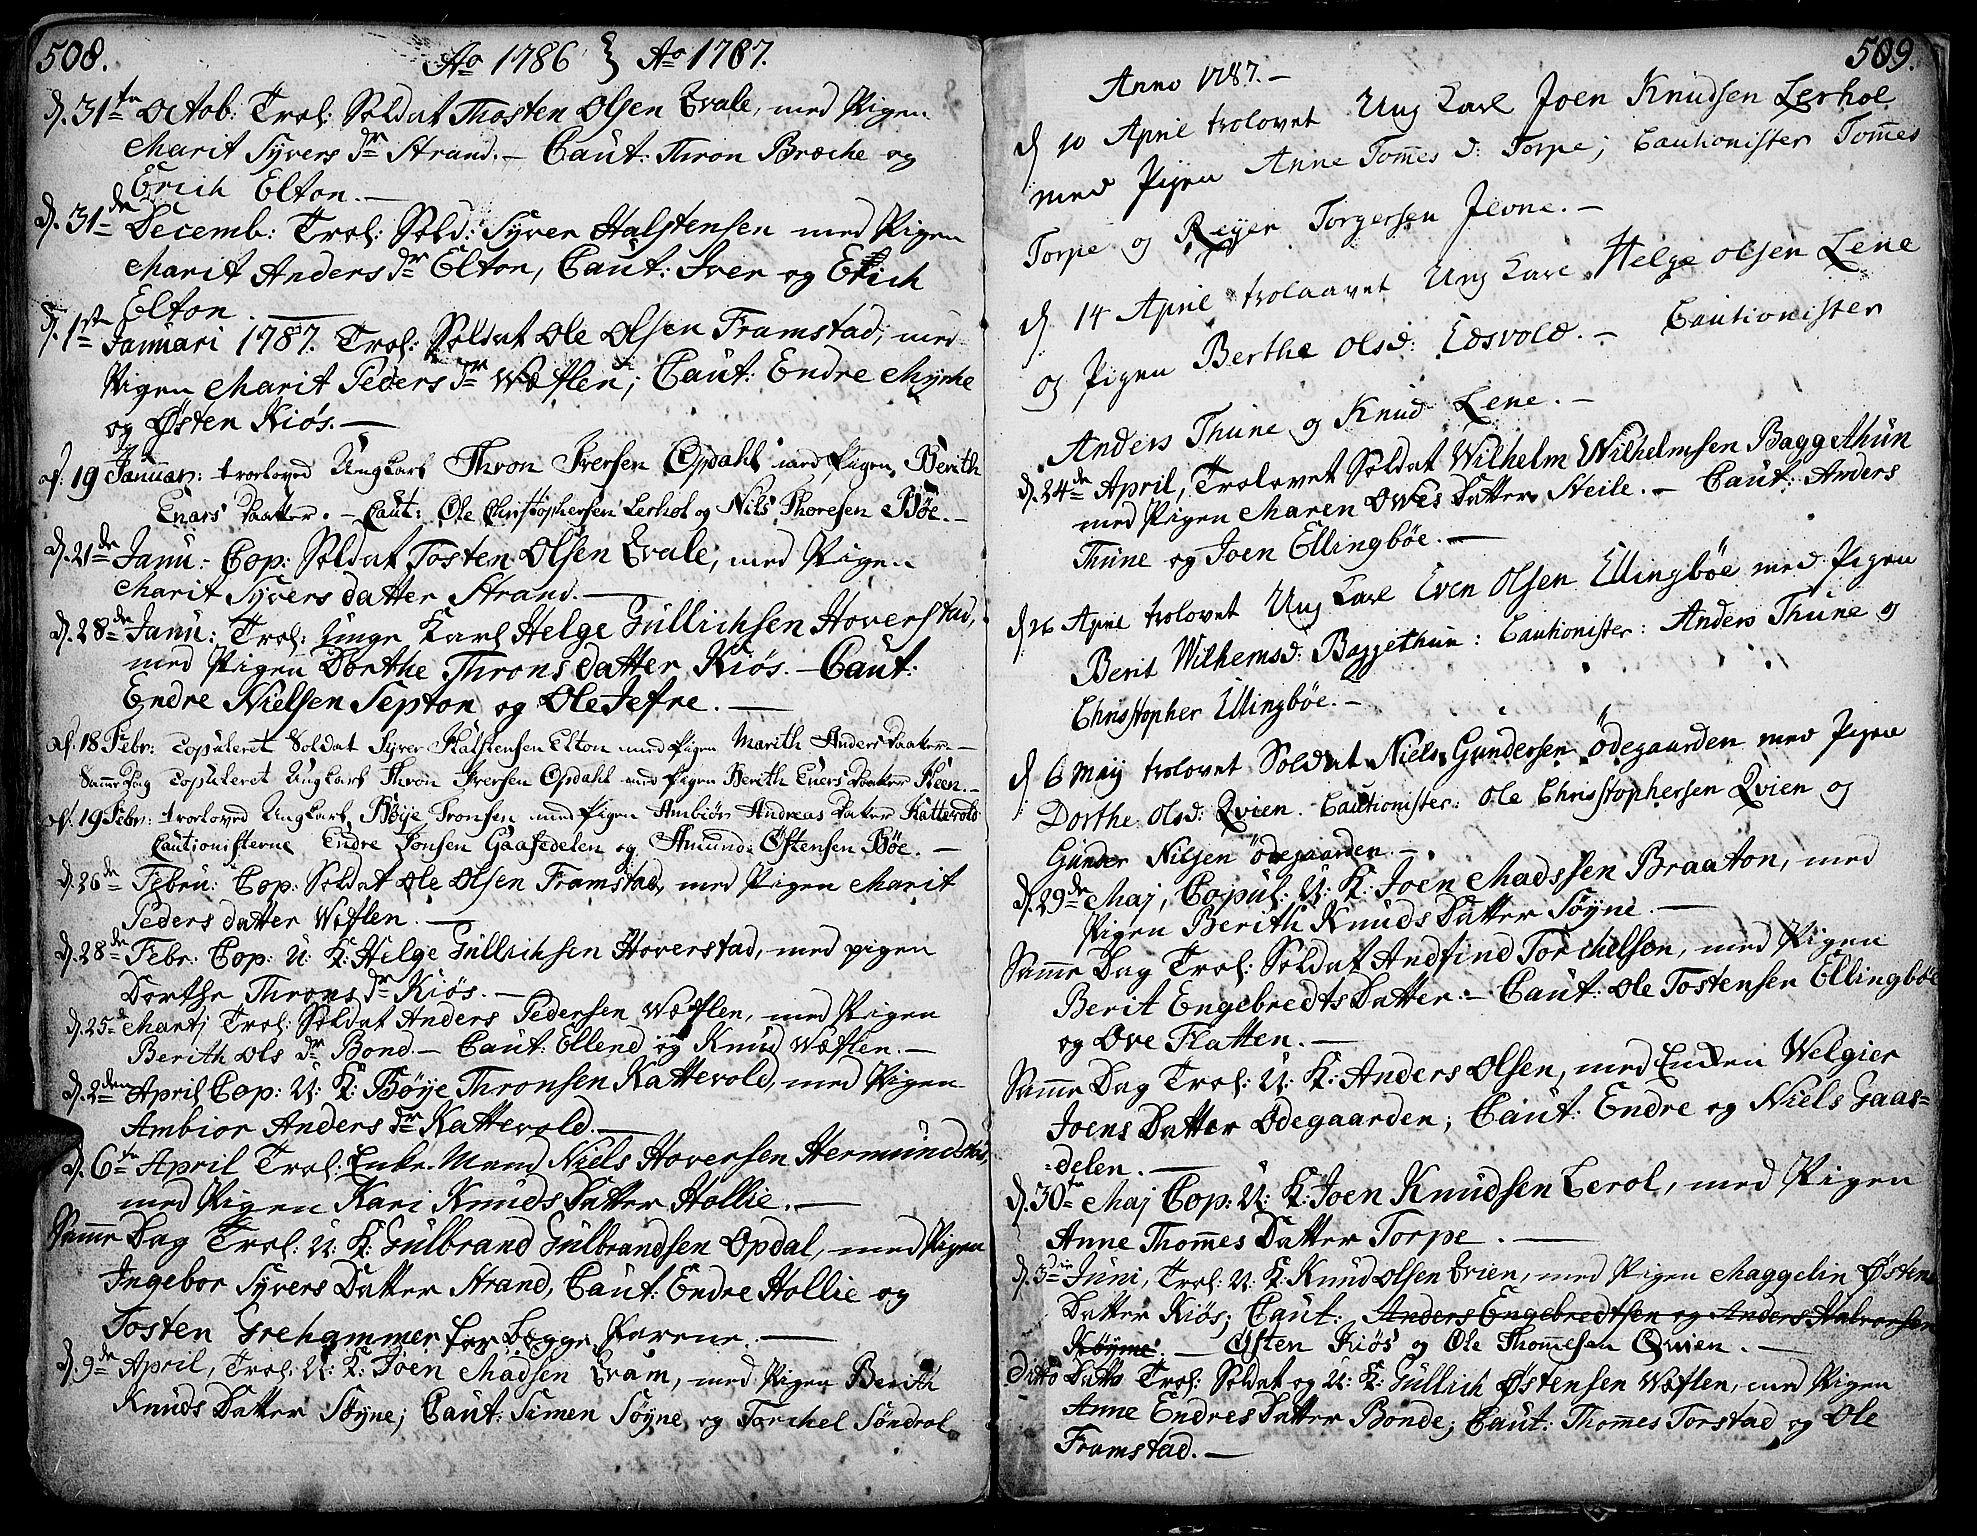 SAH, Vang prestekontor, Valdres, Ministerialbok nr. 1, 1730-1796, s. 508-509